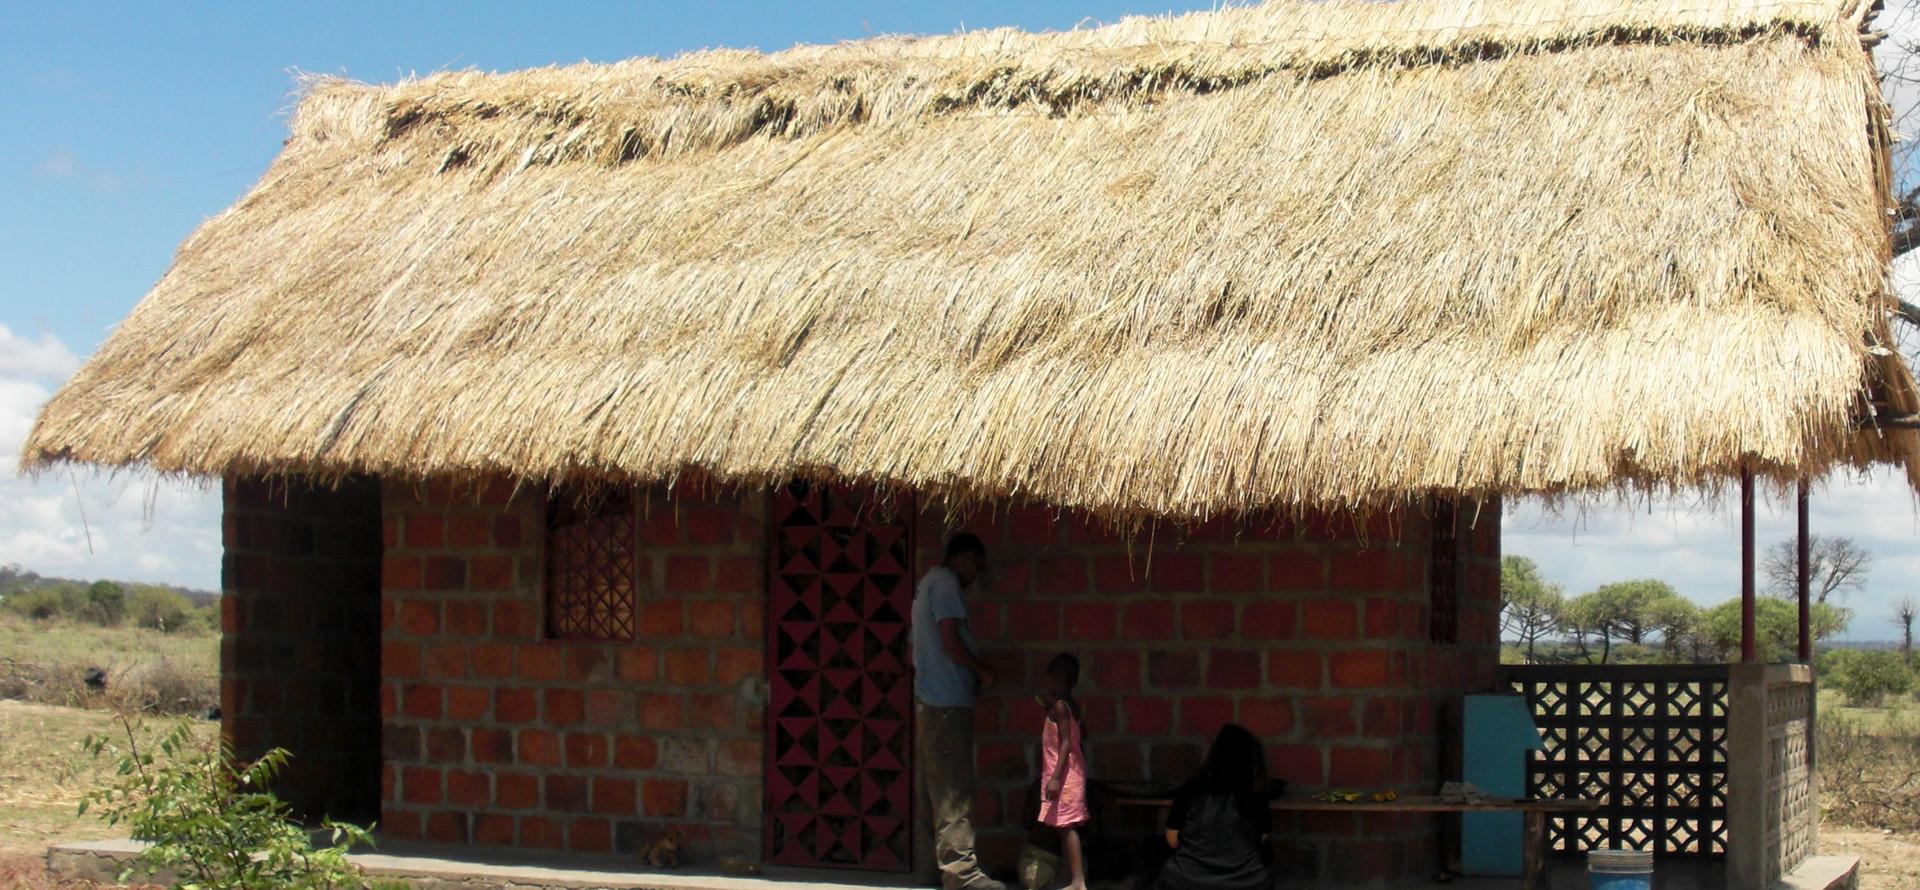 Grass roof house, Msitu wa Tembo